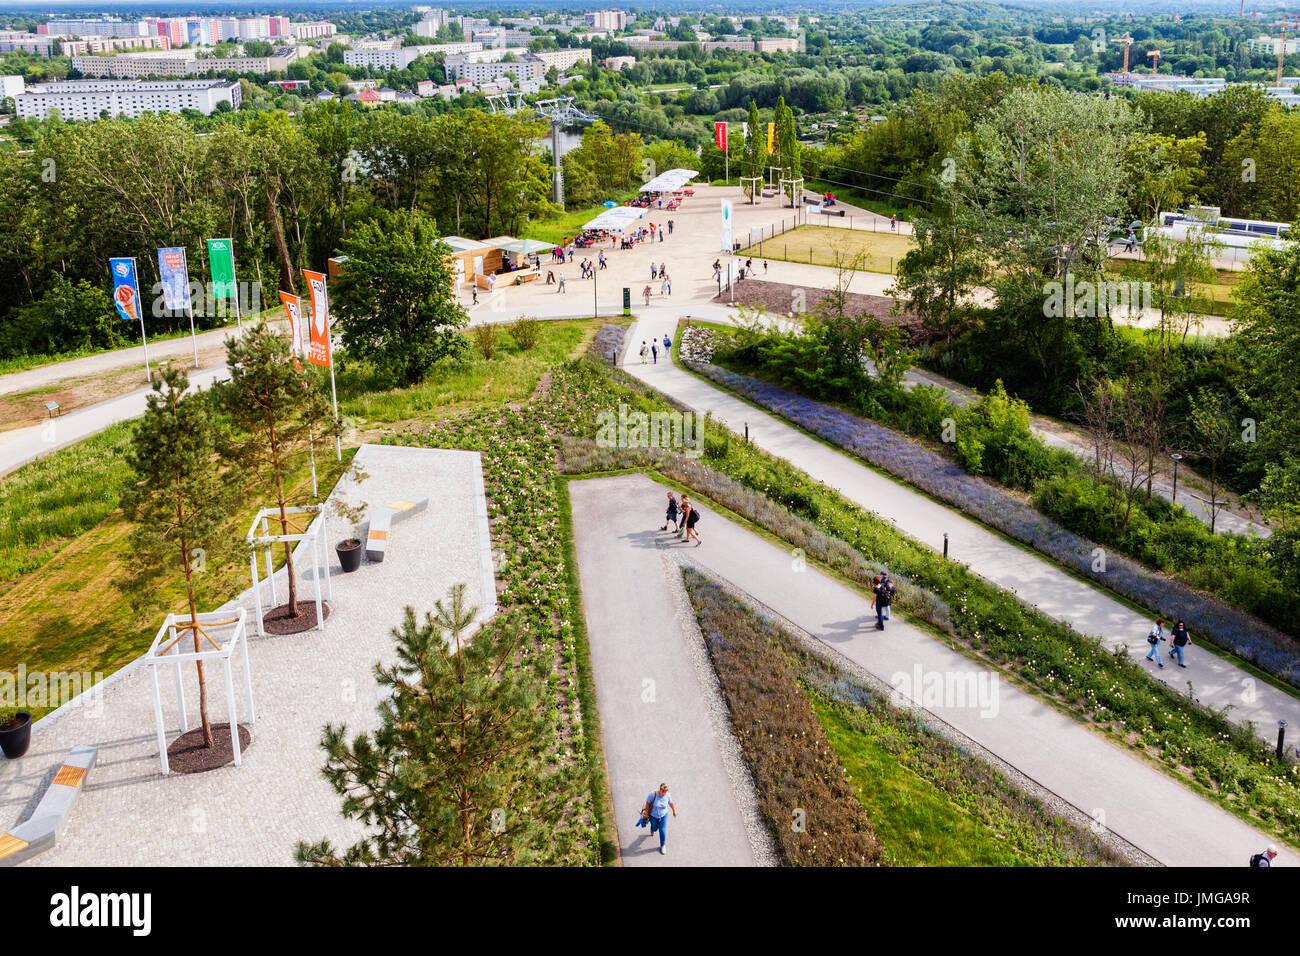 Berlinmarzahn Gardens Of The World Botanic Gardengärten Der Stock